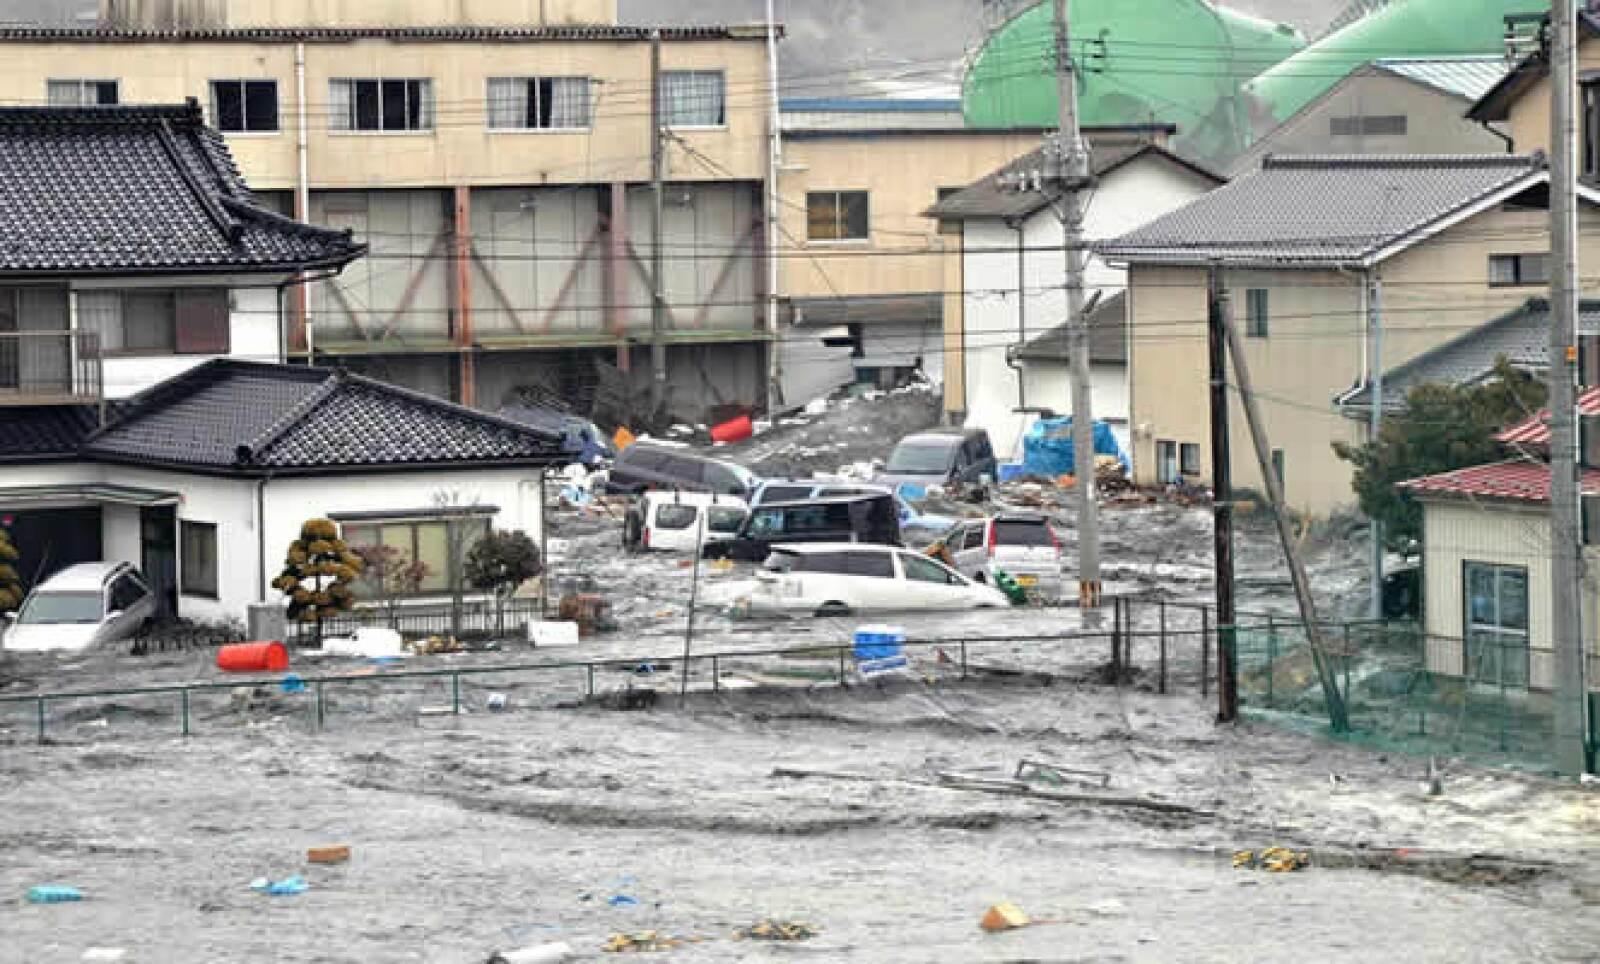 Calles inundadas después del tsunami en la ciudad de Kesennuma, en la región de Miyagi.